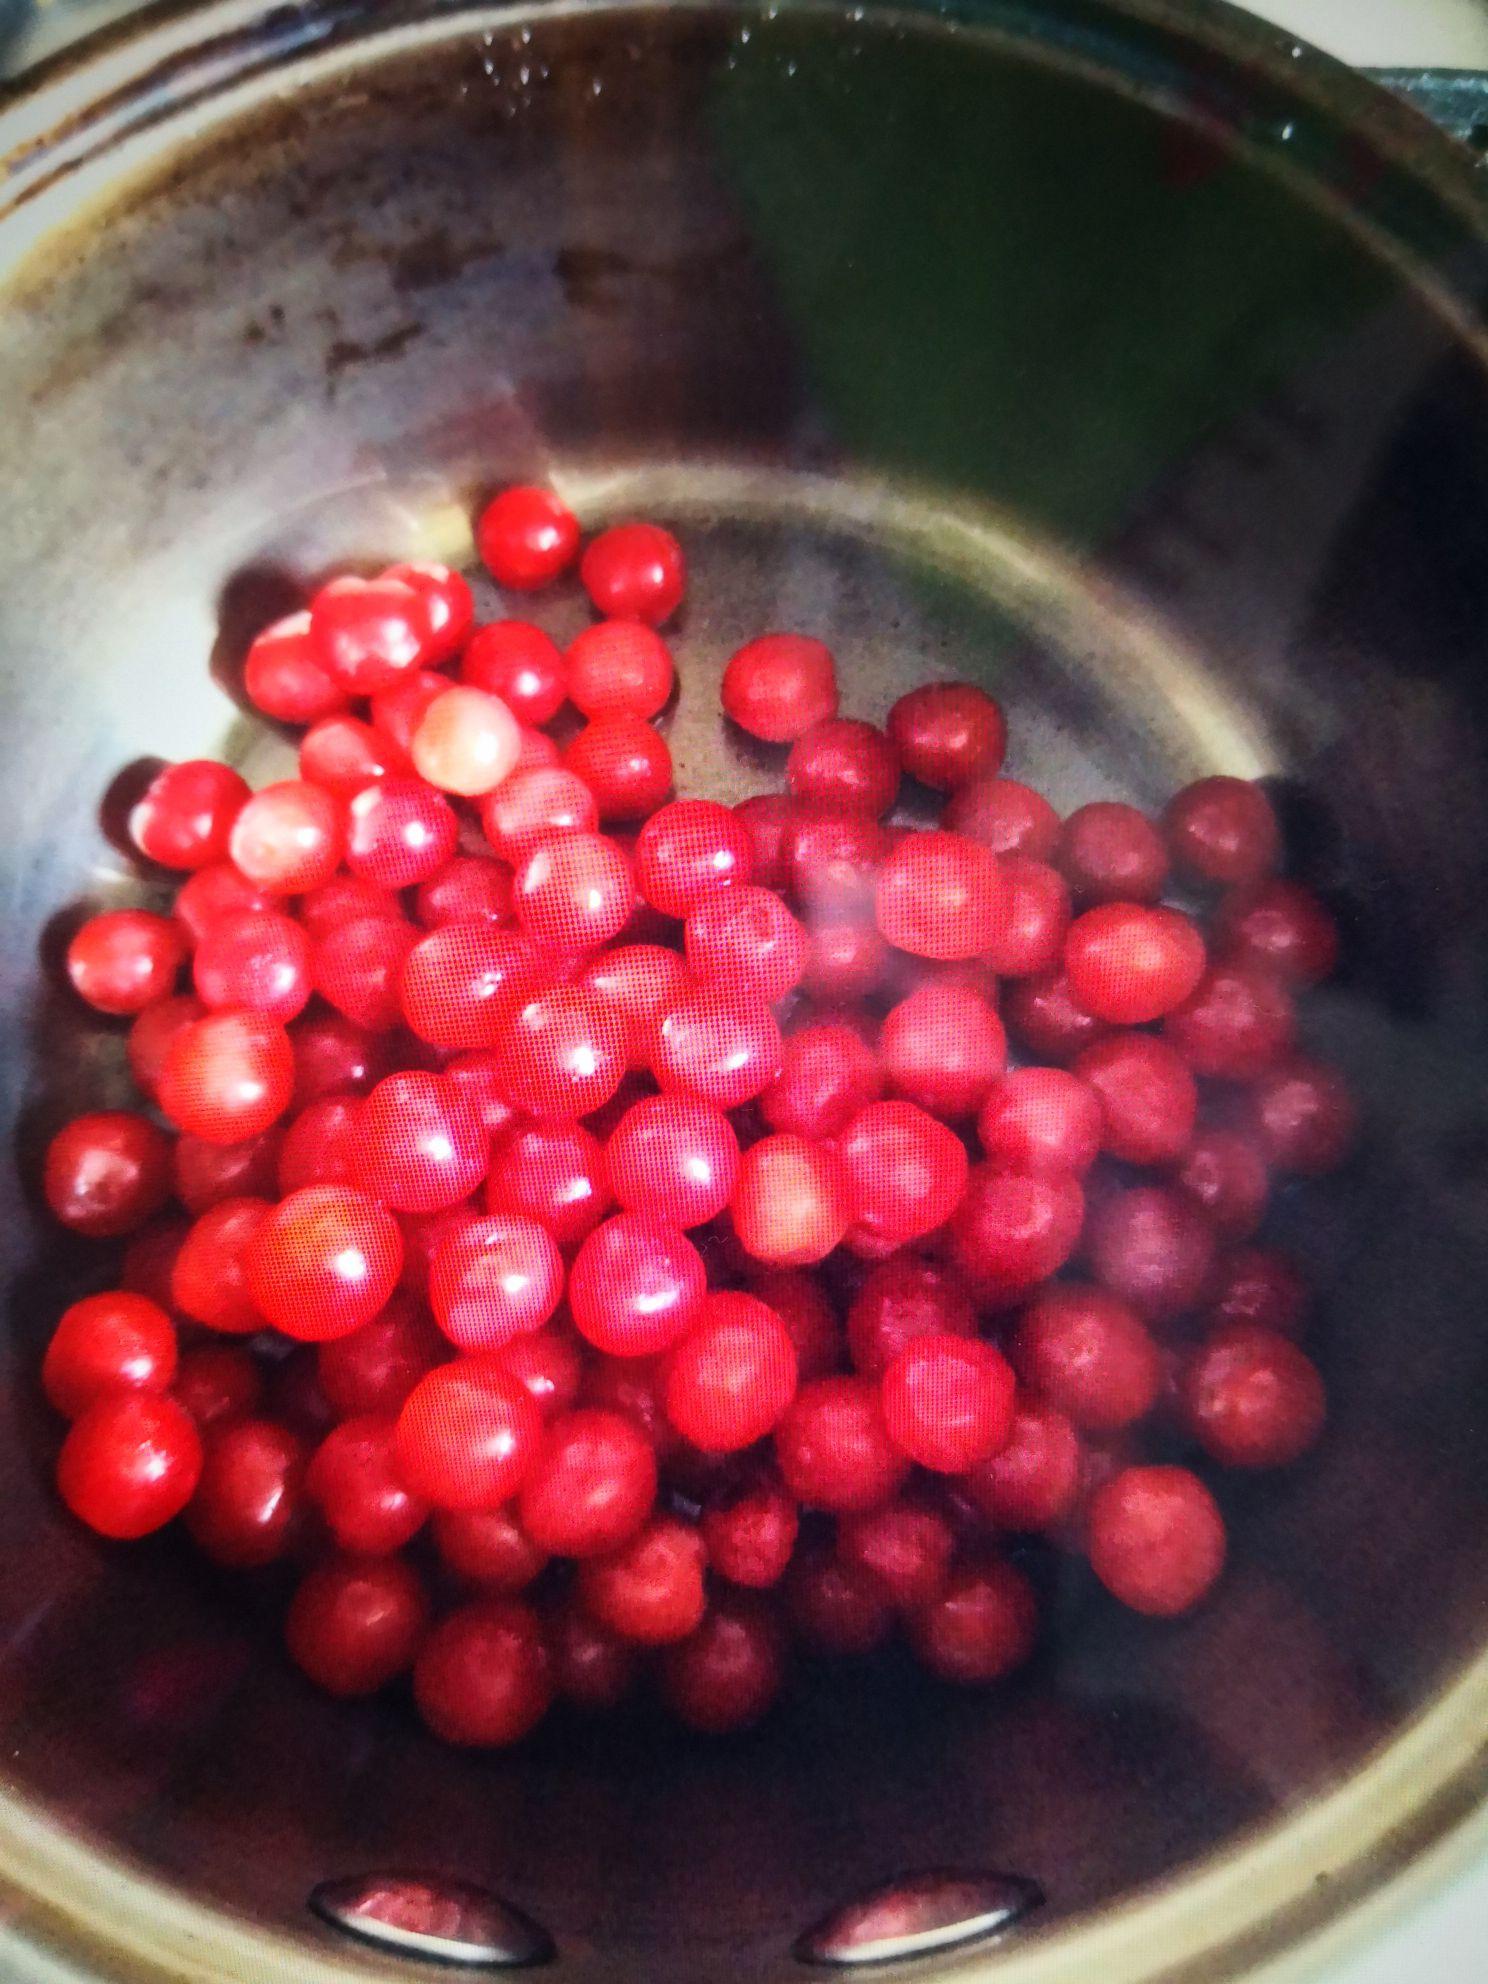 蓝莓樱桃果酱的做法图解